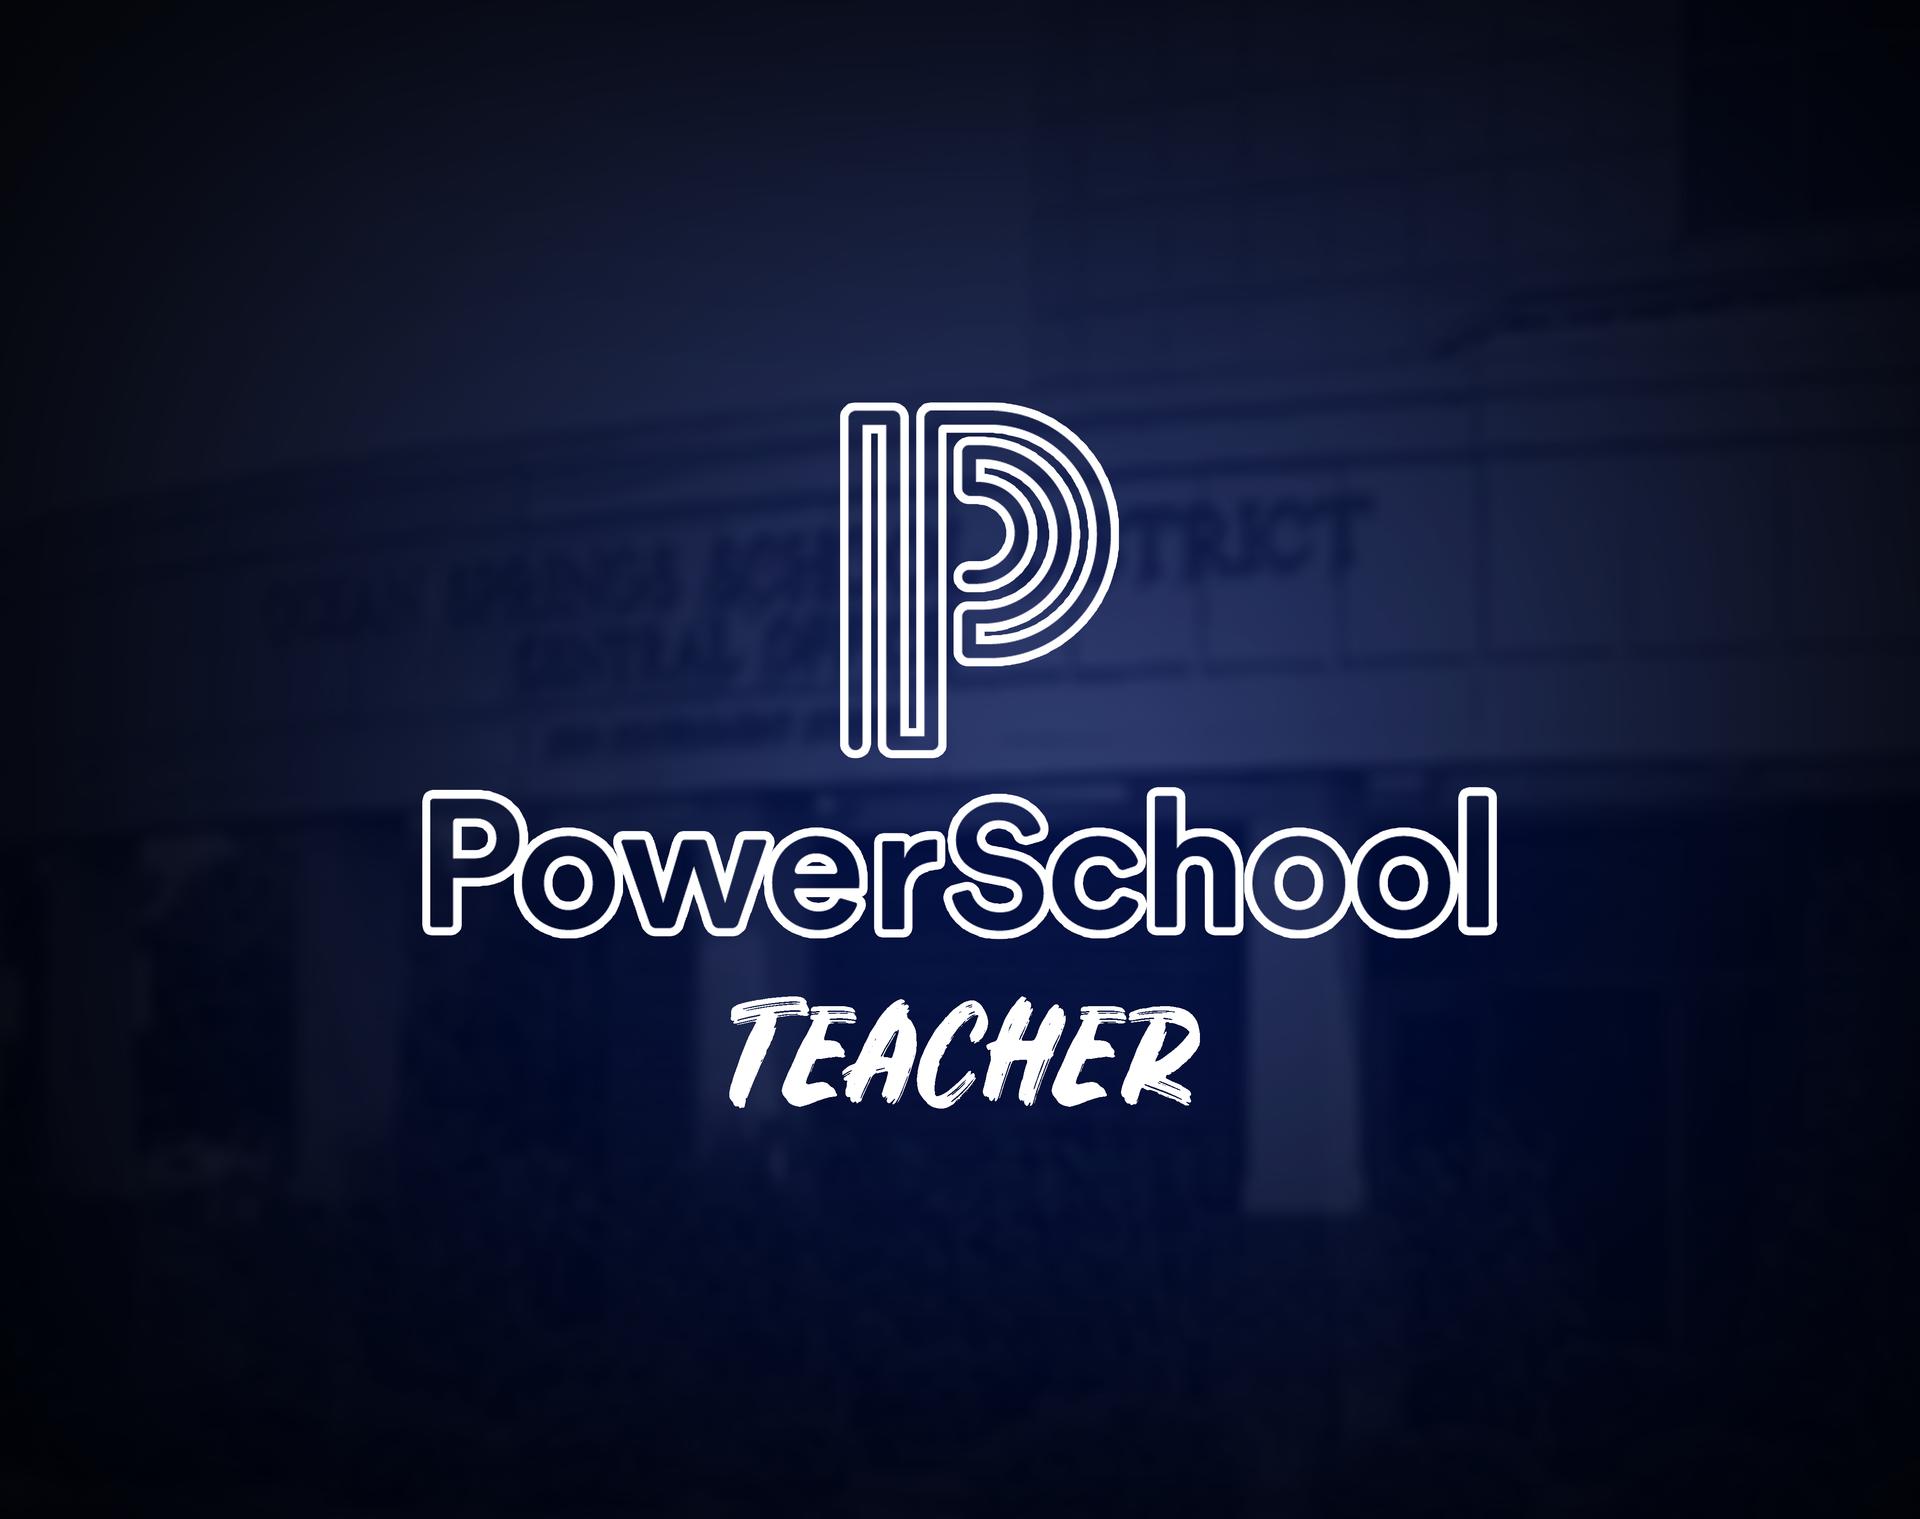 PowerTeacher Tile